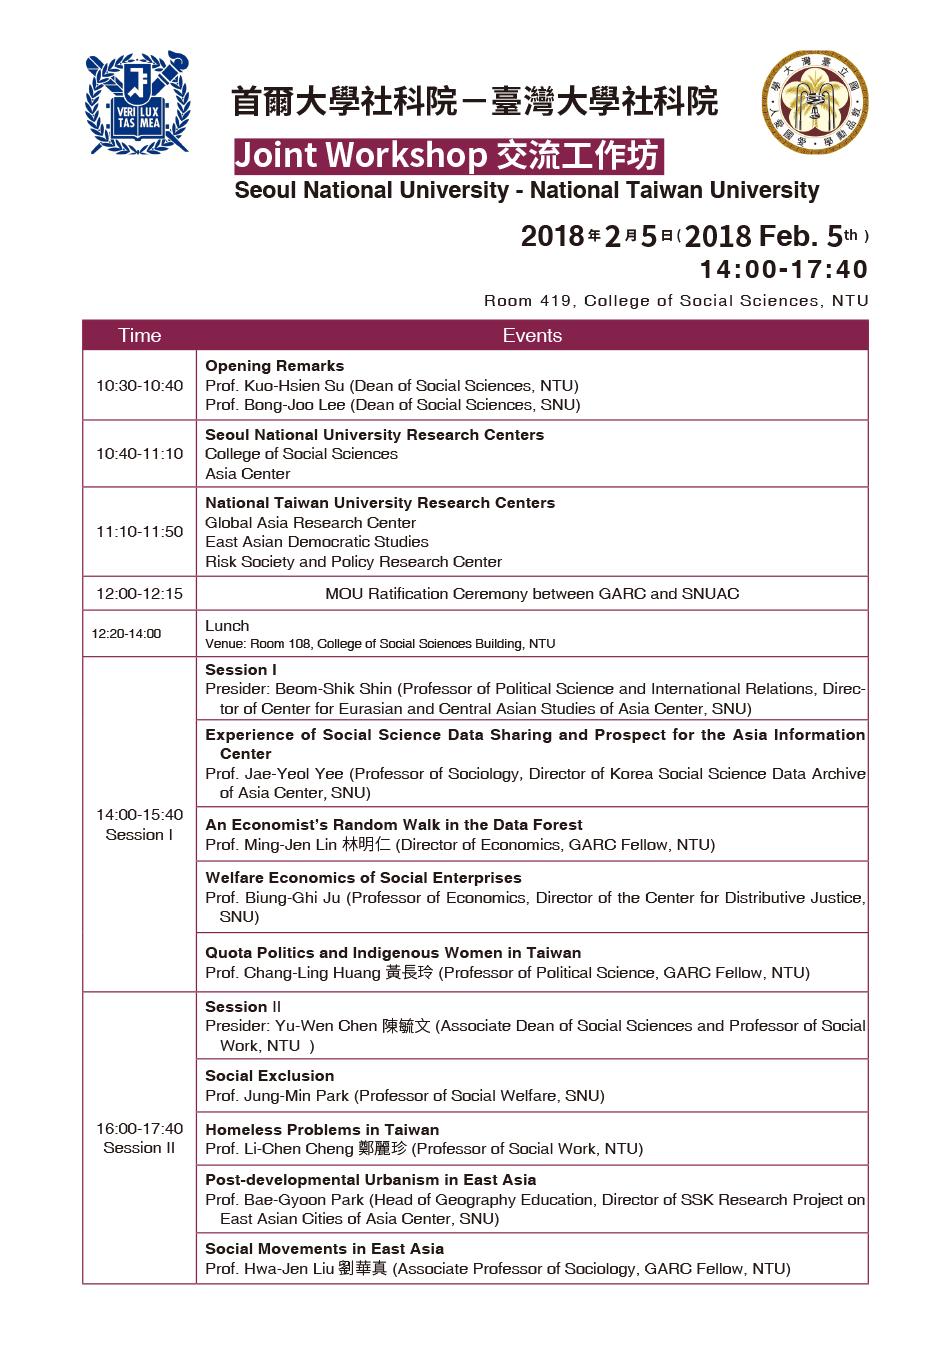 SNU-NTU Joint Workshop